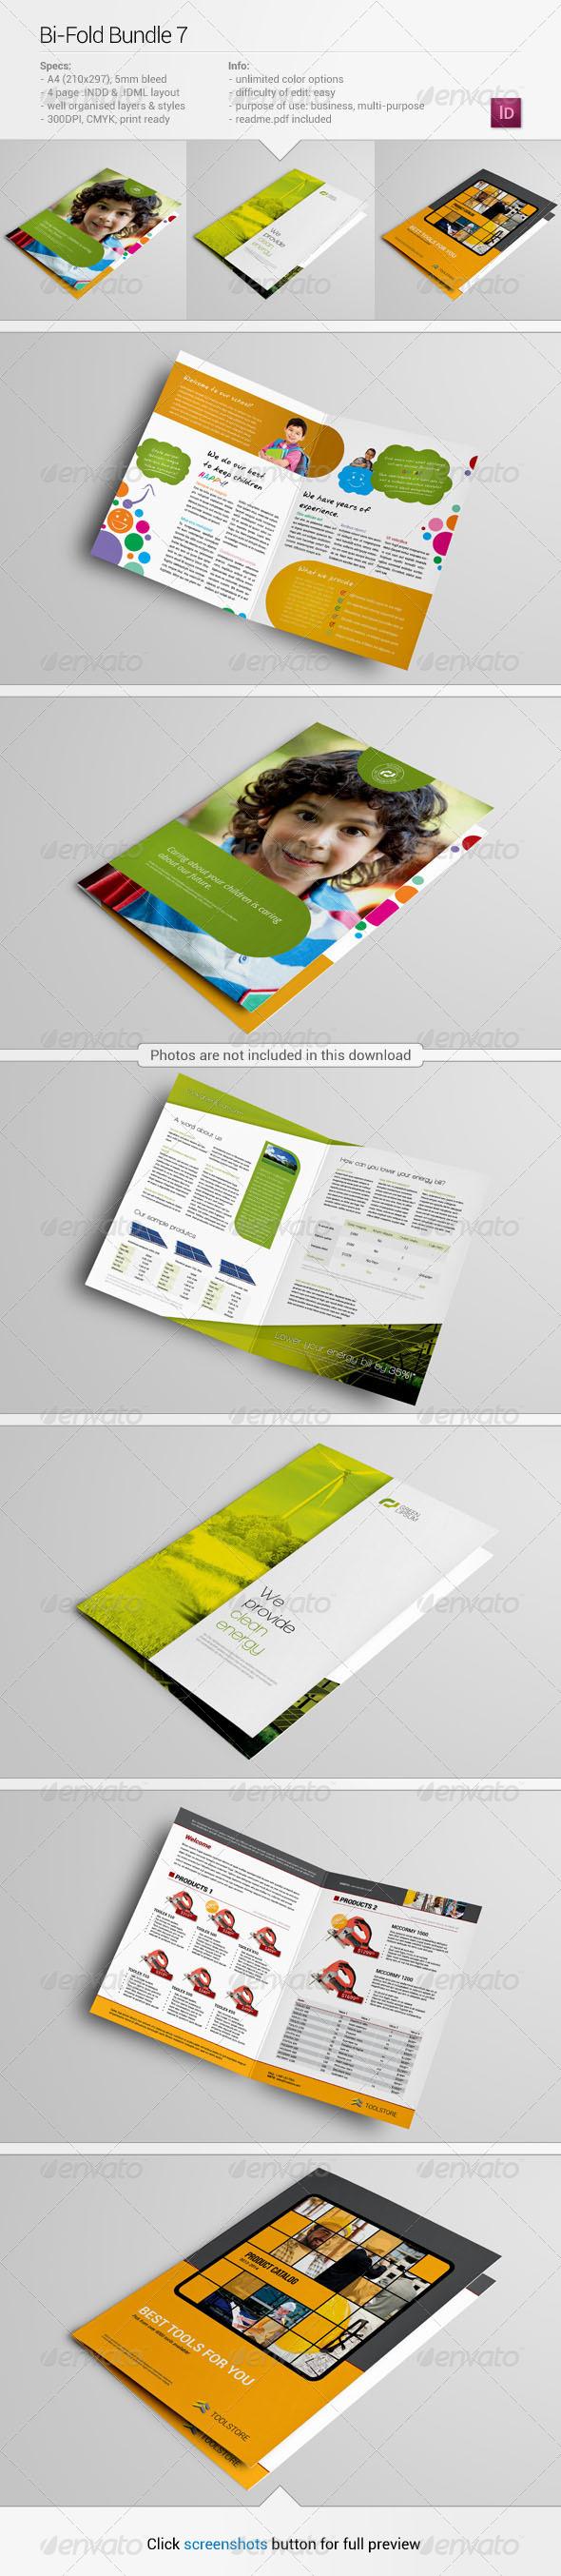 GraphicRiver Bi-Fold Bundle 7 6166528